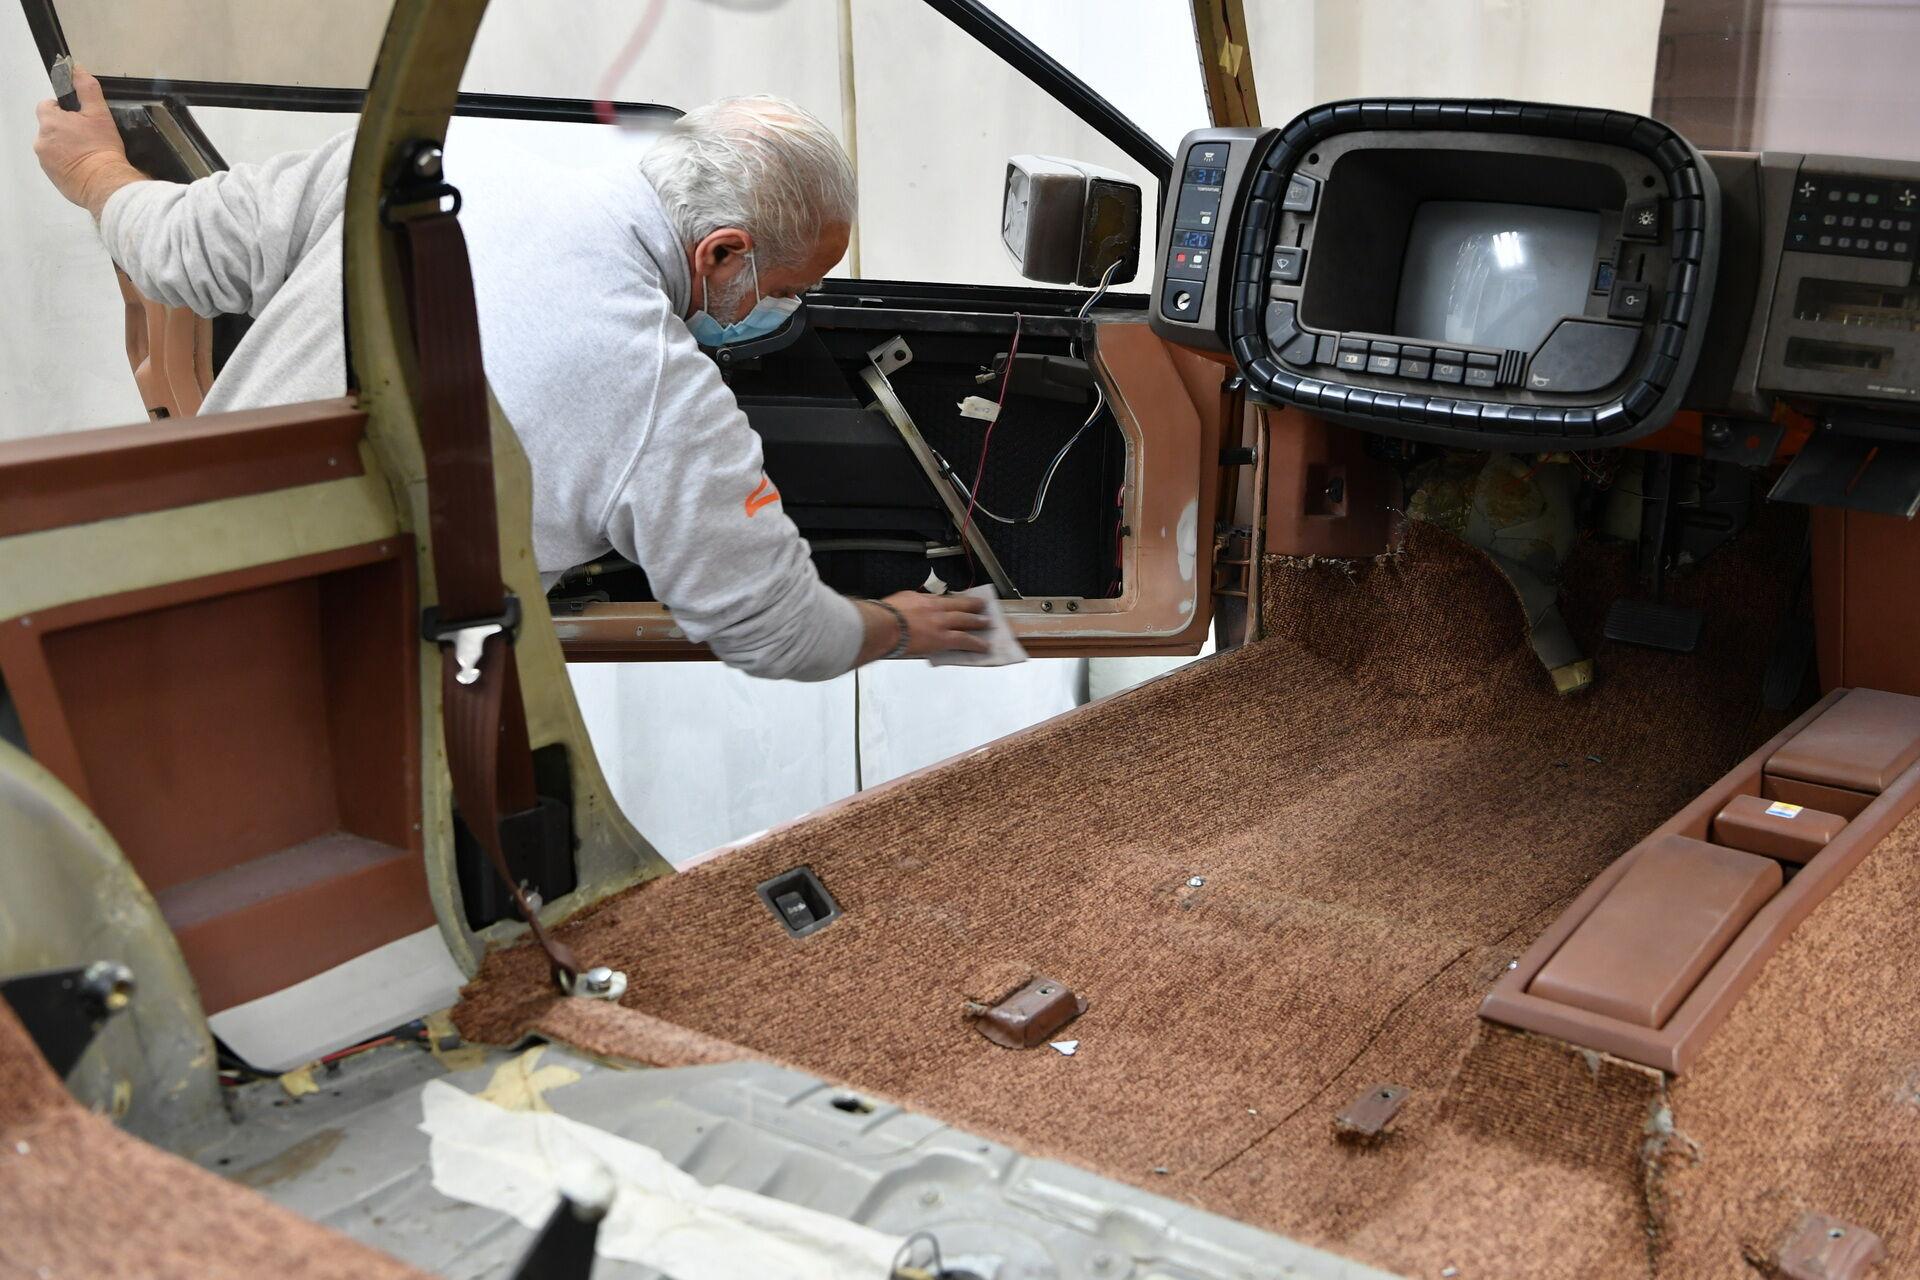 Автомобиль был полностью разобран и восстановлен до состояния оригинала